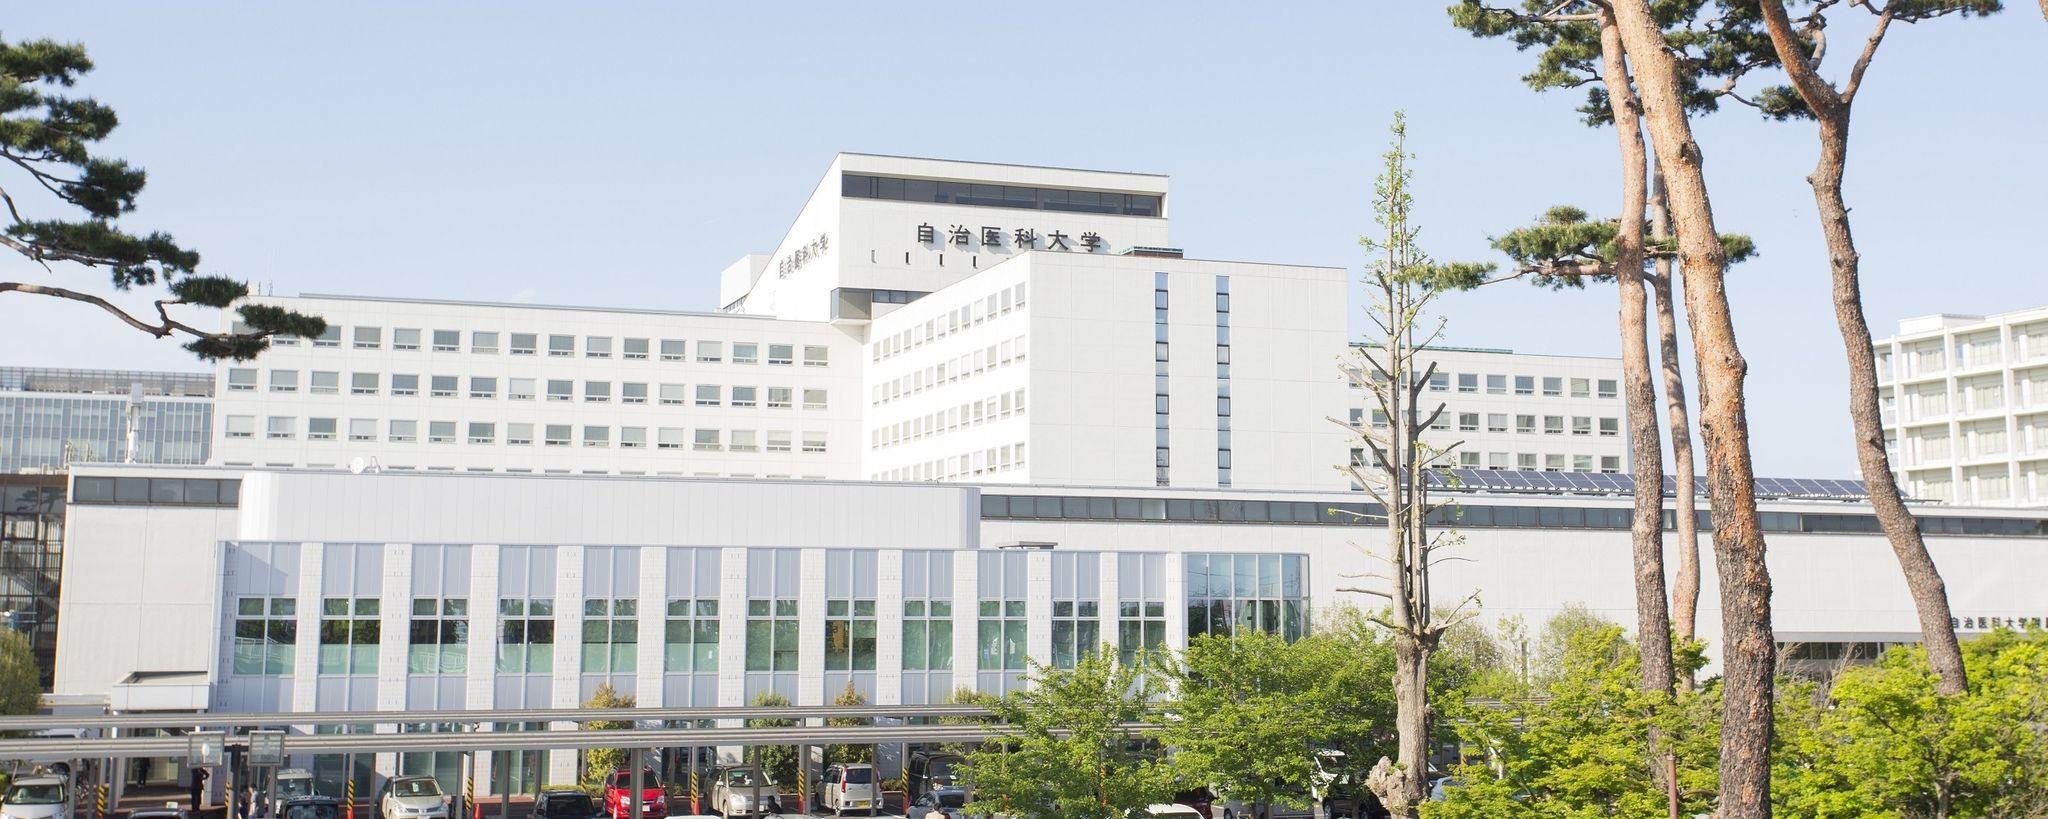 「自治医科大学付属病院」の検索結果 - Yahoo!検索(画像)